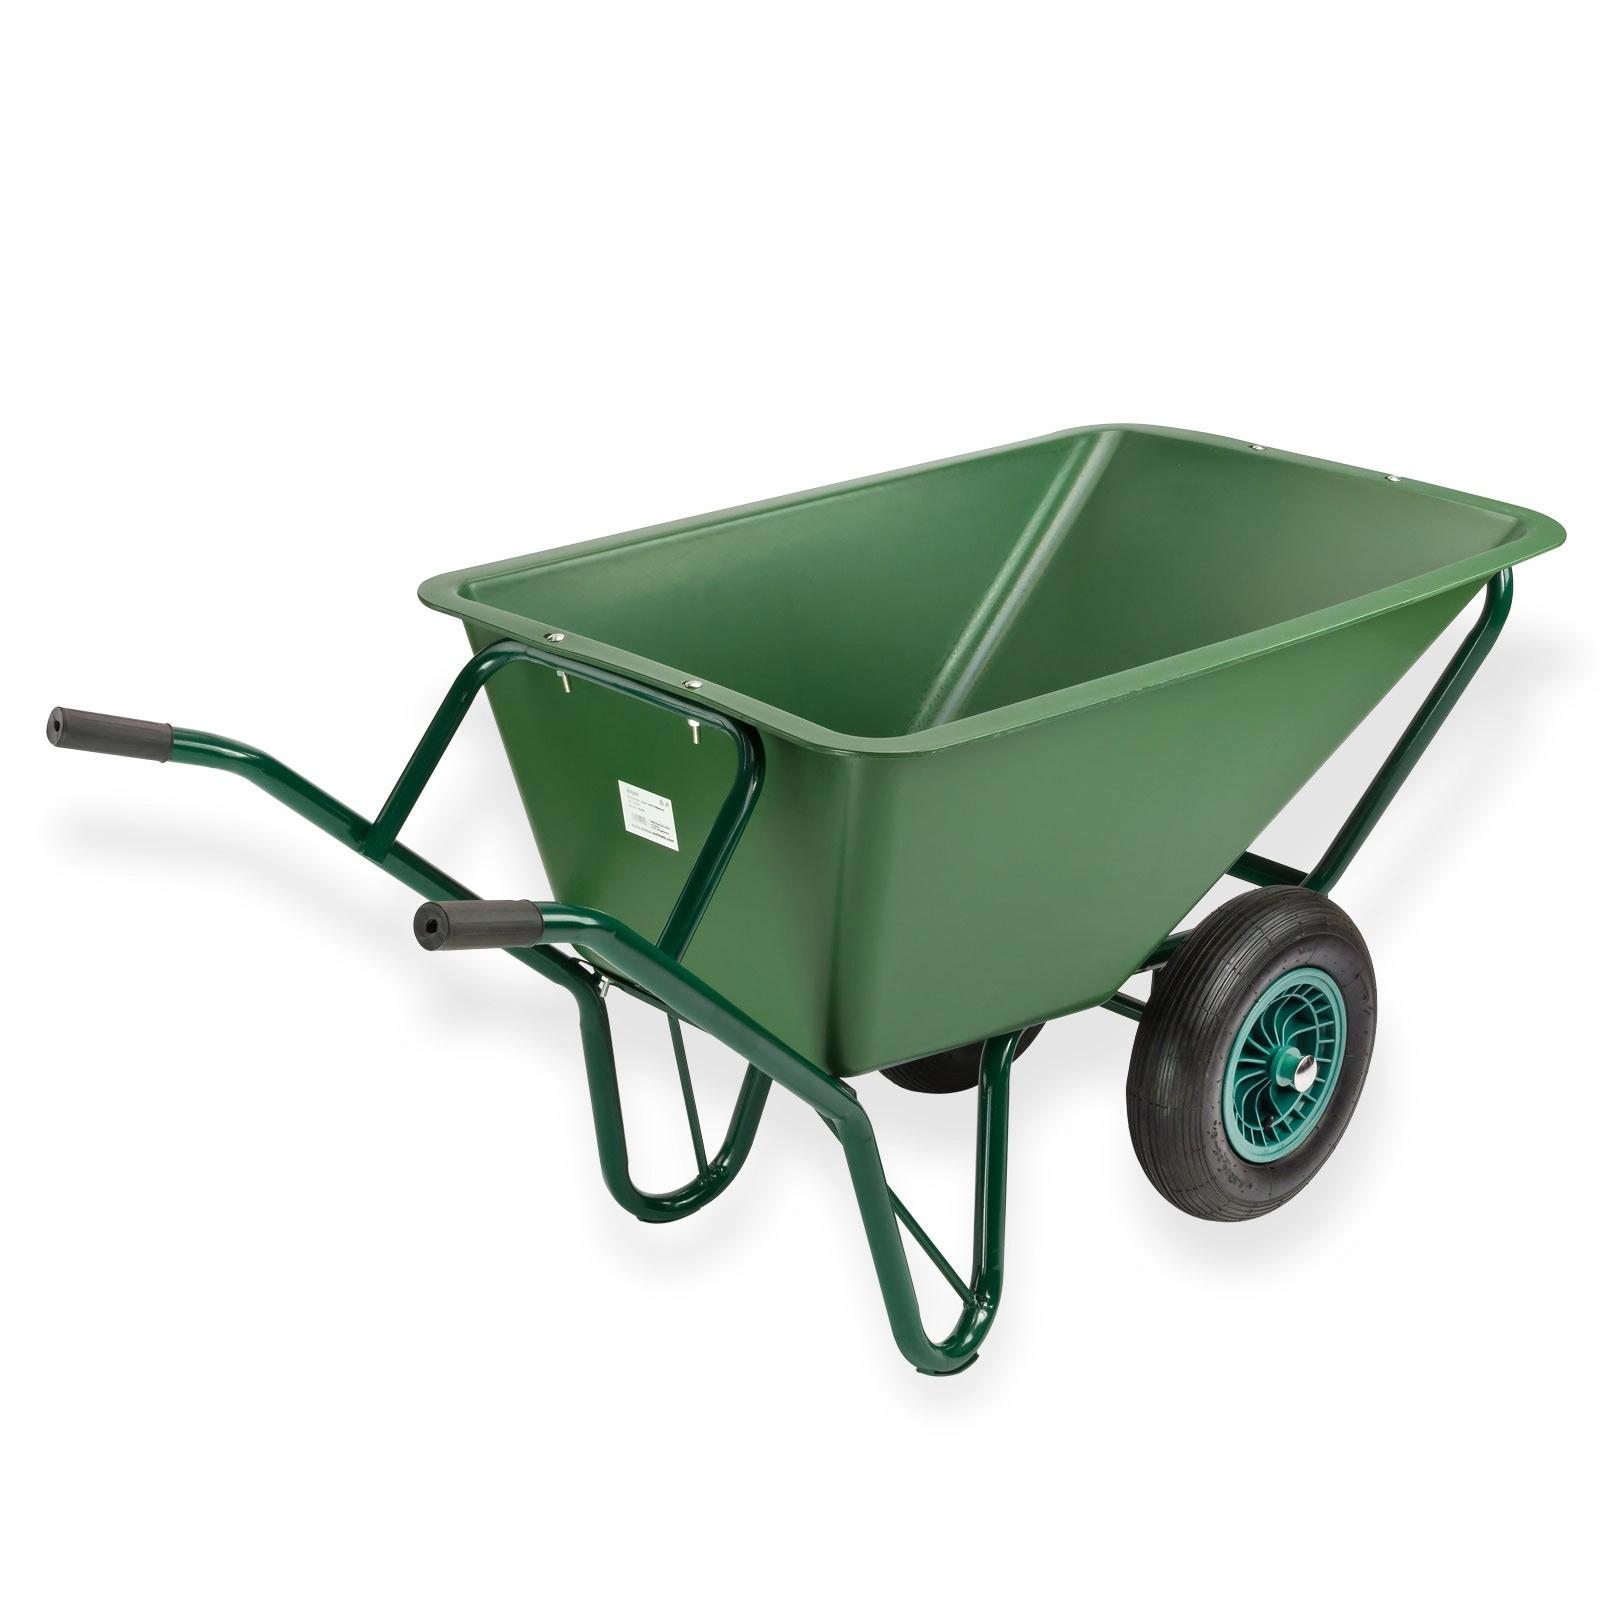 schubkarre schubkarren sk130 twin mit 2 r dern 130 liter 150 kg. Black Bedroom Furniture Sets. Home Design Ideas